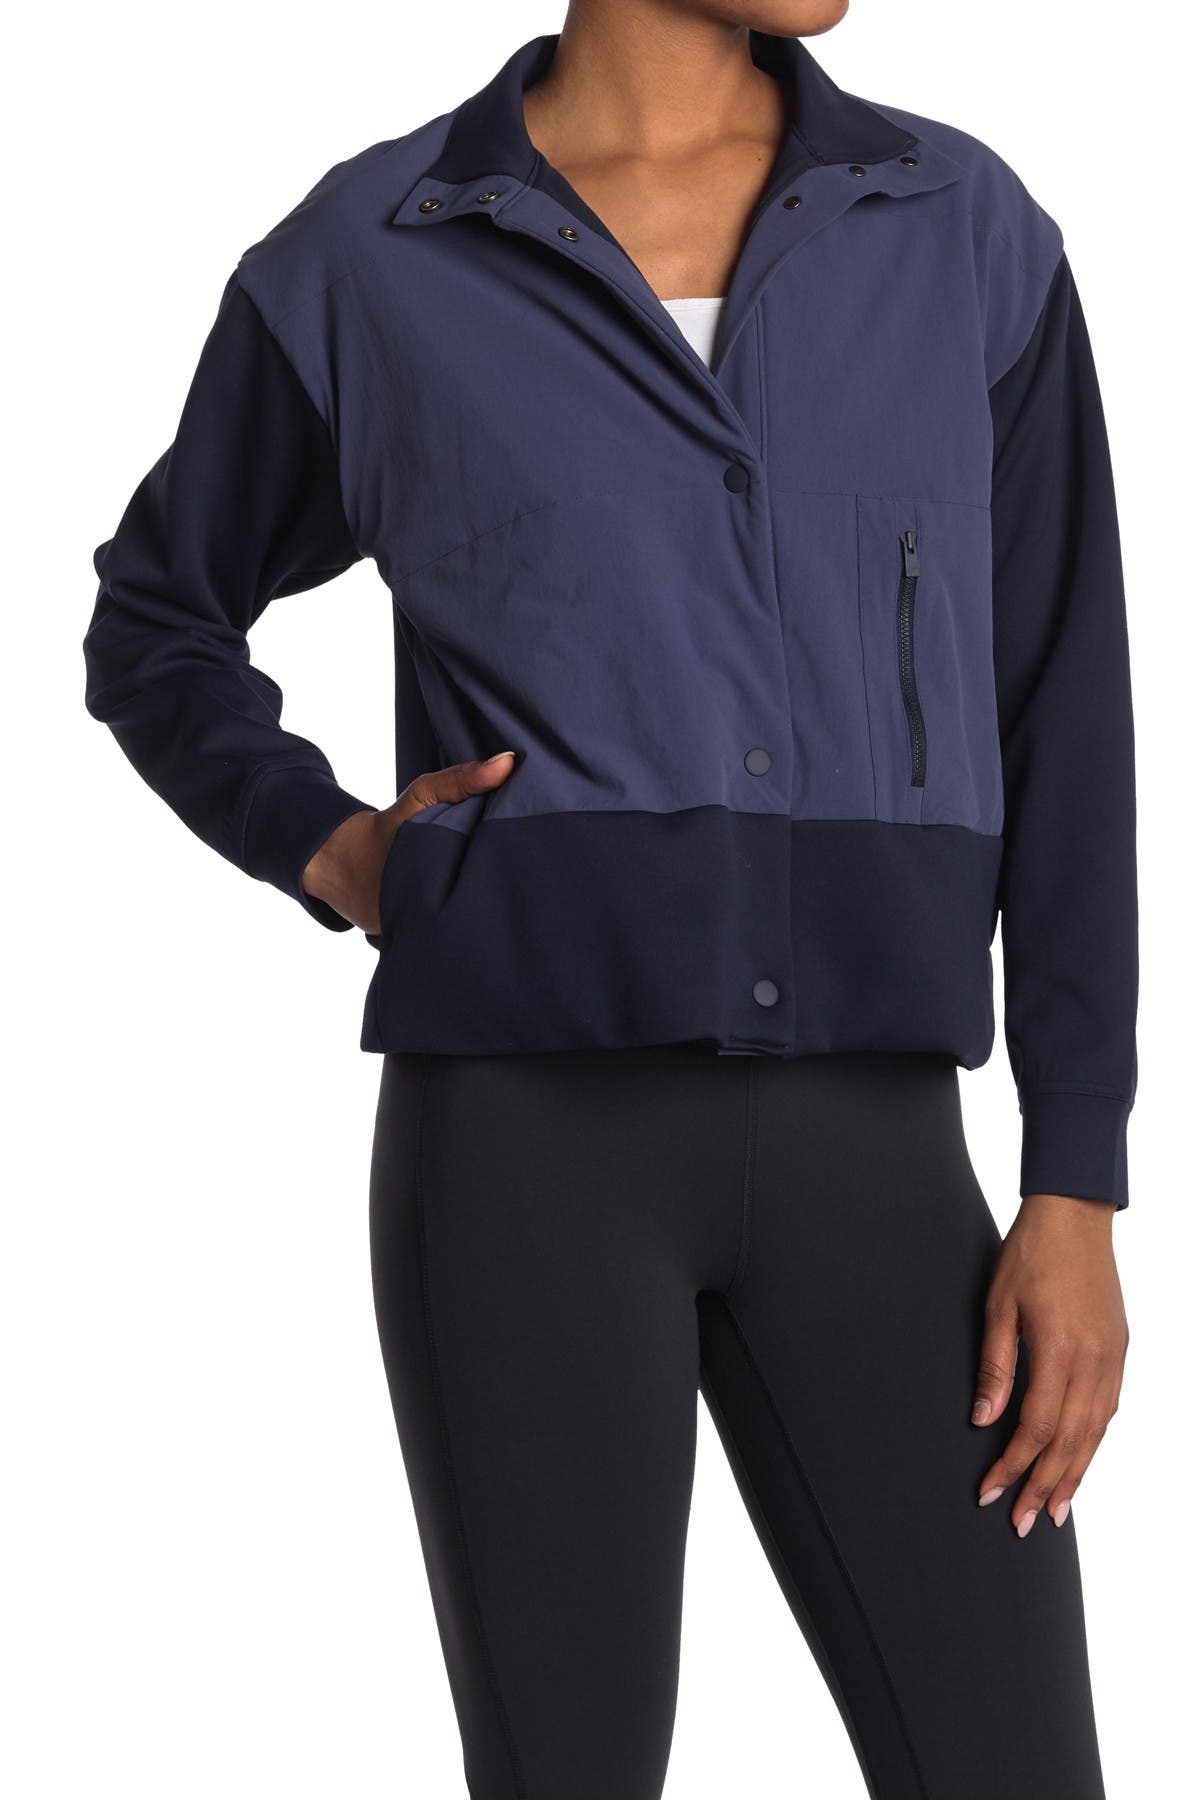 Image of New Balance Determination Resilience Jacket